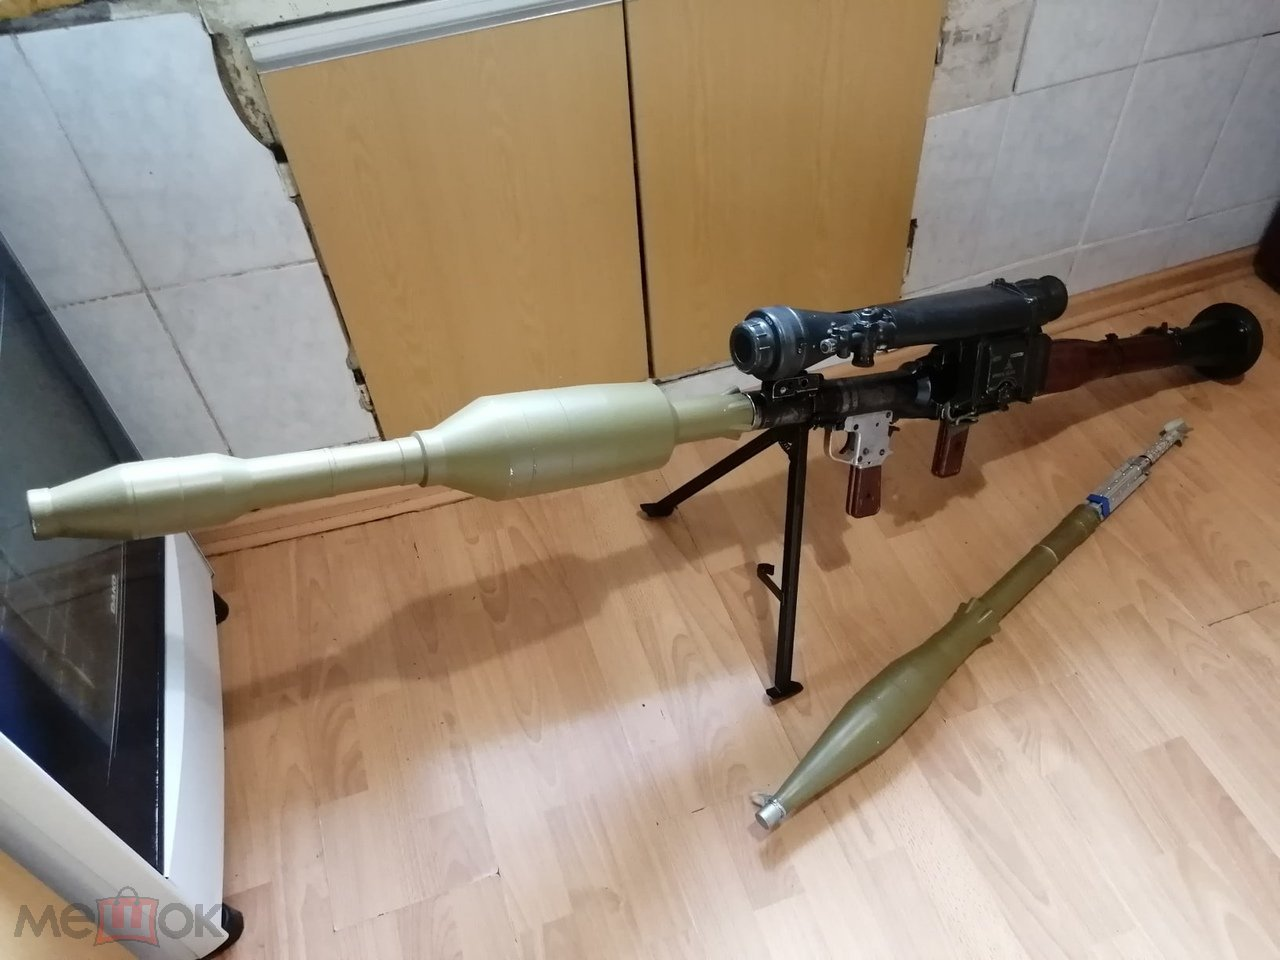 ММГ гранатомета РПГ-7 с выстрелом ПГ-7ВР и прицелом НСПУ